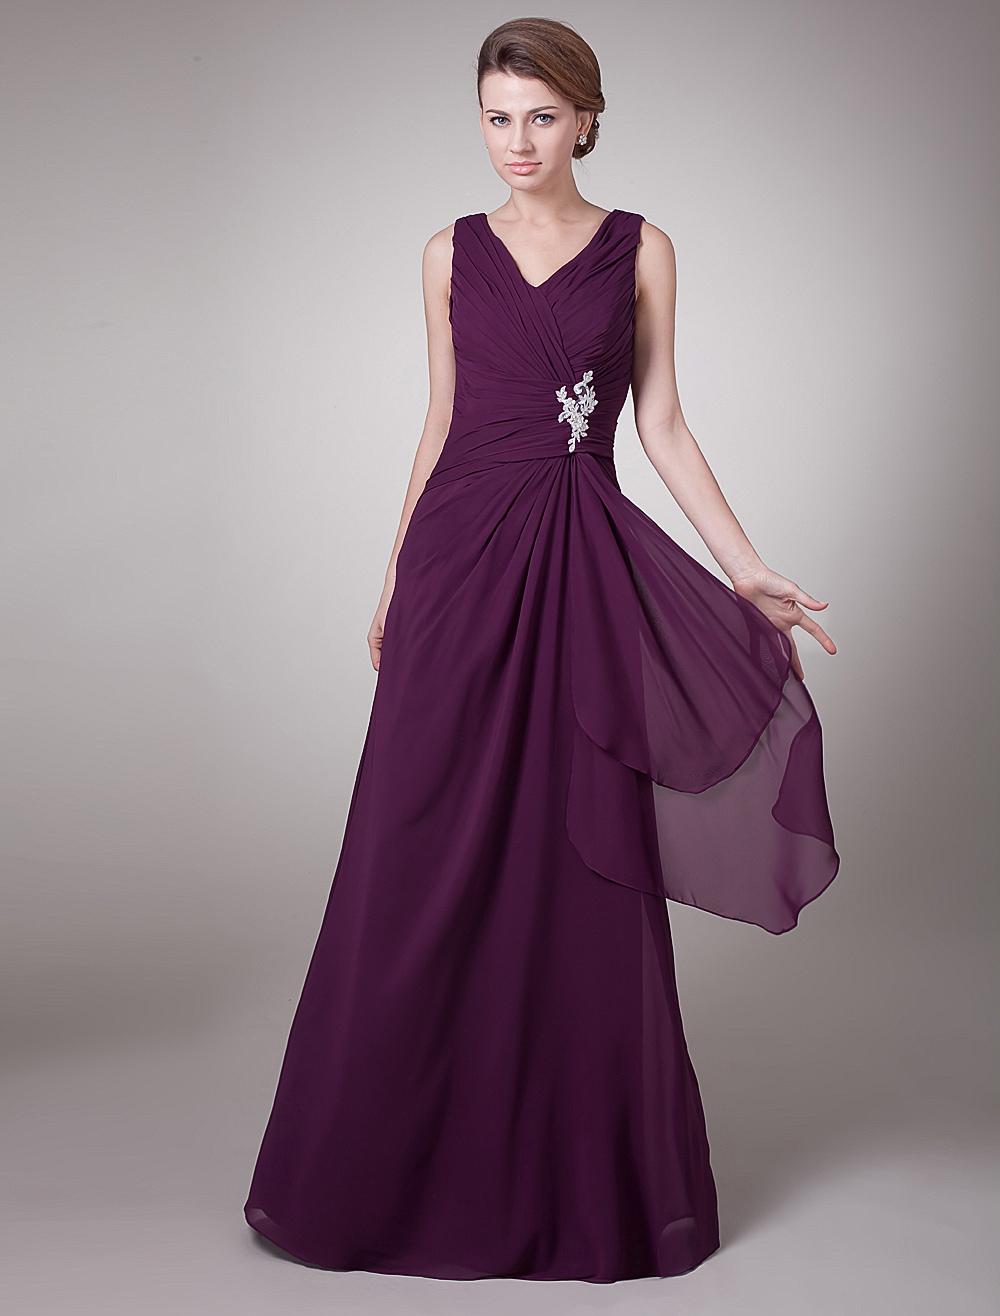 vestido+para+ir+a+fiesta+de+15+años+en+una+granja - Moda Mujer Moda ...